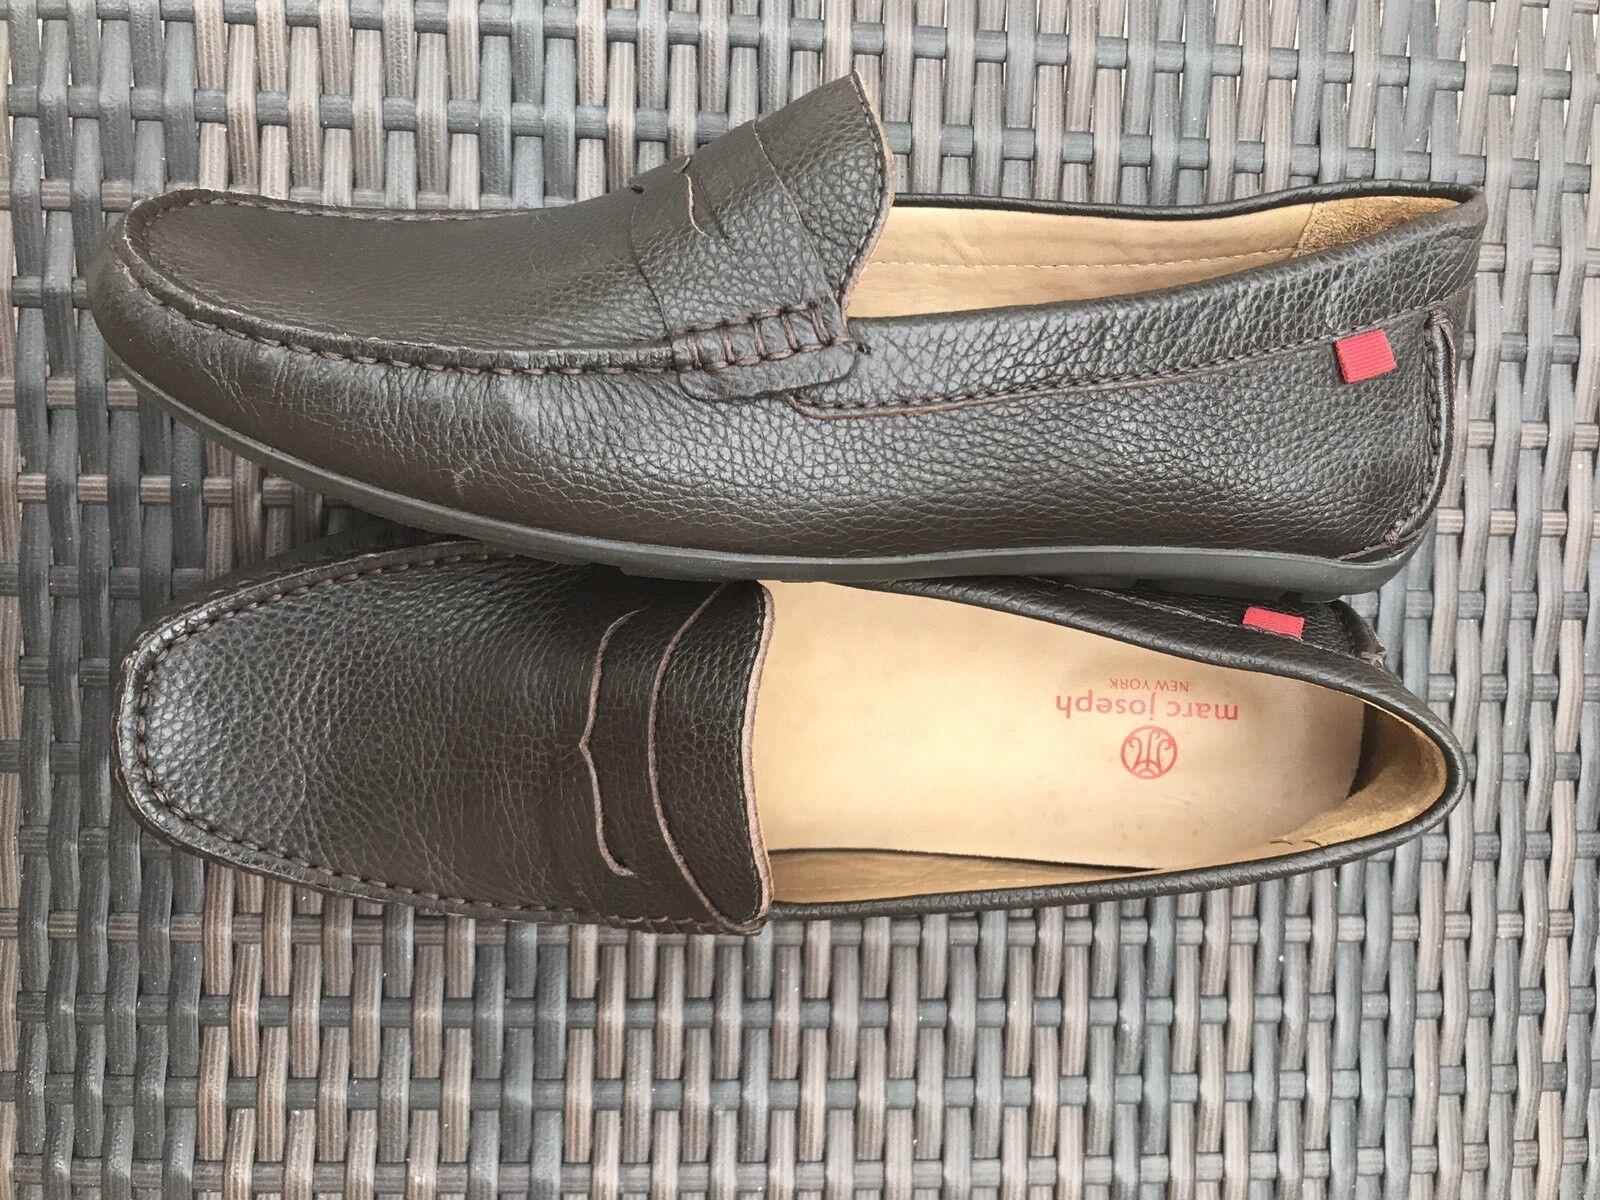 risparmia fino al 30-50% di sconto MARC JOSEPH Man's New York Full Grainy Leather Leather Leather Loafers Slip-On scarpe,Dimensione 11,5  prezzi bassi di tutti i giorni